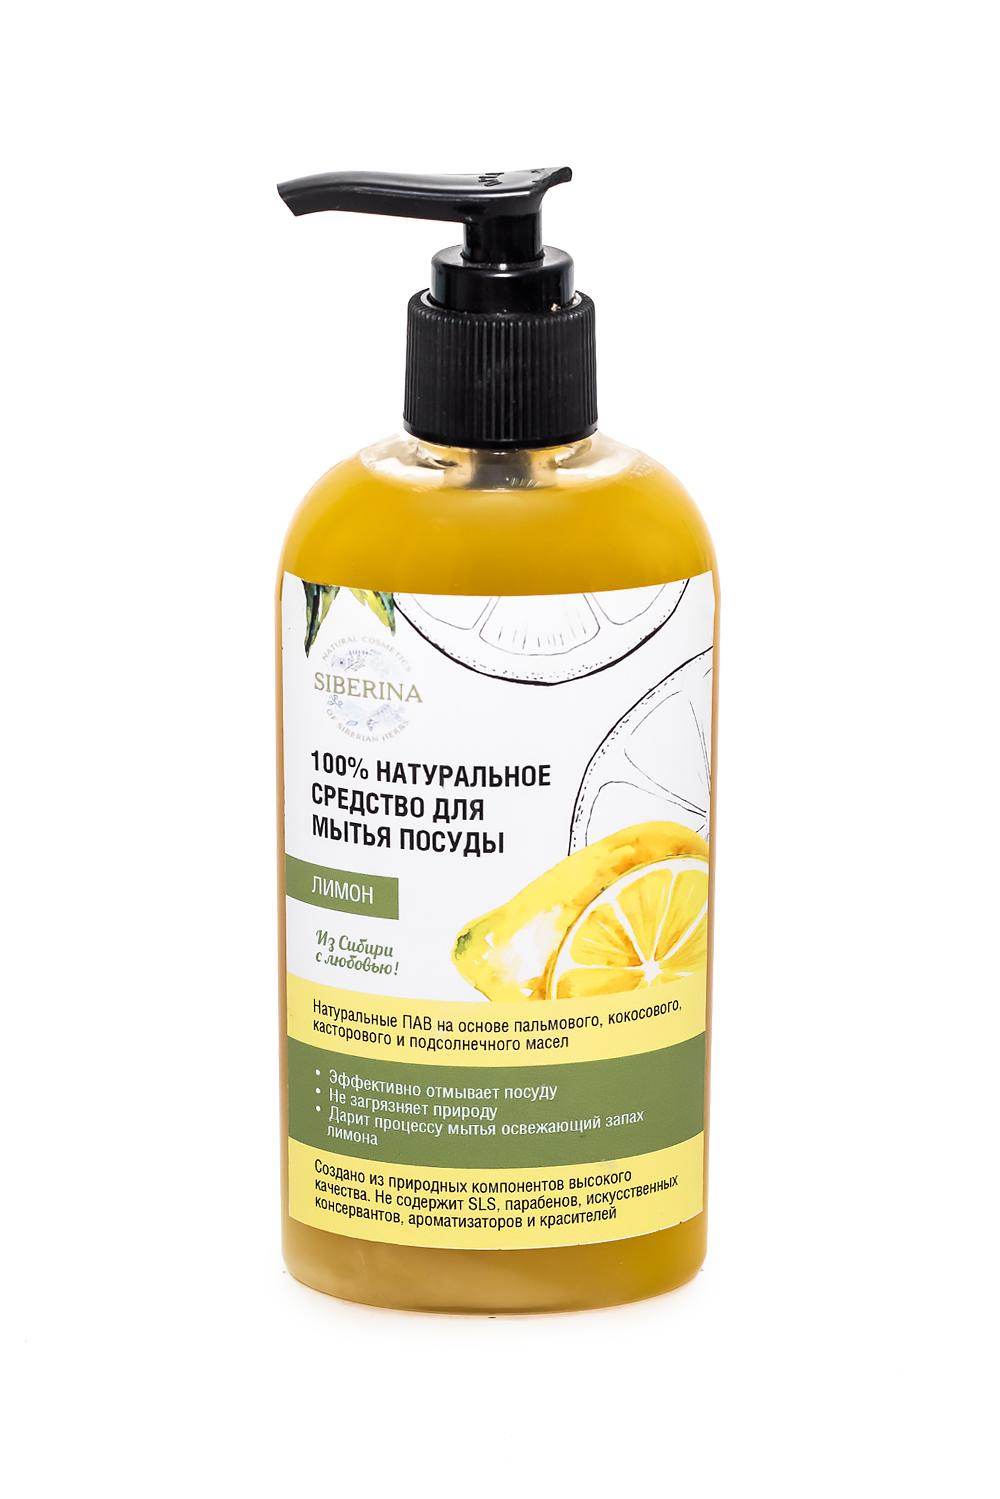 Средство для мытья посуды ЛимонСредства для мытья посуды<br>Моющее Средство Для Мытья Посуды Лимон  Аромат: Неповторимый фруктовый запах свежих лимонов, свежий, холодный, горьковото-зеленый.  100% натуральное моющее средство для мытья посуды «Лимон». Экологичное, безопасное и натуральное моющее средство хорошо очищает посуду и ухаживает за кожей рук. Устраняет неприятные запахи. Хорошо смывается водой. Создано из природных компонентов высокого качества. Не содержит SLS, парабенов, искусственных консервантов, ароматизаторов и красителей  - Эффективно отмывает посуду  - Не загрязняет природу  - Дарит процессу мытья освежающий запах лимона  Натриевые соли жирных кислот пальмового, кокосового, касторового и подсолнечного масел являются натуральными Пав, которые разлагаются после использования, а значит, не загрязняют окружающую среду. Не сушат кожу рук. Эфирное масло лимона придаёт моющему средству приятный и свежий запах. Глицерин увлажняет кожу рук. Экстракт душицы успокаивает кожу рук, снимает напряжение.  Состав: Вода дистиллированная, калиевые соли жирных кислот пальмового, кокосового, касторового и подсолнечного масел, облепиховое масло, глицерин, эфирное масло лимона, экстракт душицы.  Способ Применения: Нанести небольшое количество моющего средства на влажную губку, вымыть посуду, смыть водой.  Срок Годности: 2 года.  Объем: 200 мл.<br><br>Тип аромата: Фруктовый,Цитрусовый<br>Тип кожи: Жирная кожа,Зрелая кожа,Комбинированная кожа,Нормальная кожа,Проблемная кожа,Сухая кожа,Чувствительная кожа<br>Размер : UNI<br>Количество в наличии: 3